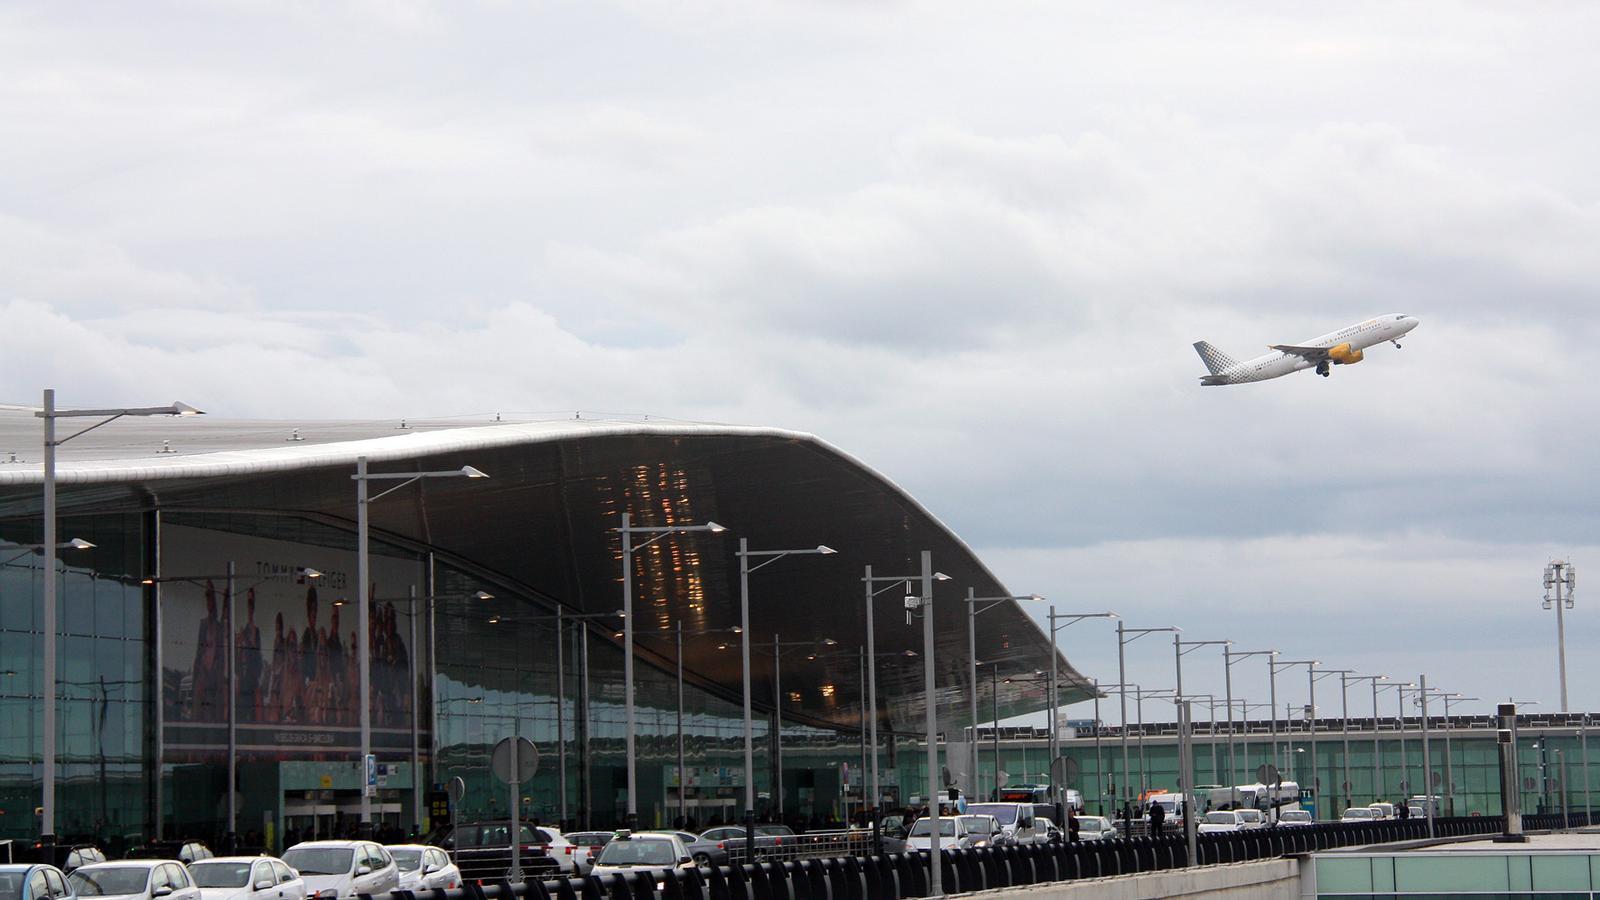 Un incendi afecta una quarantena de motos i cotxes al pàrquing exterior de la terminal 2 de l'aeroport del Prat